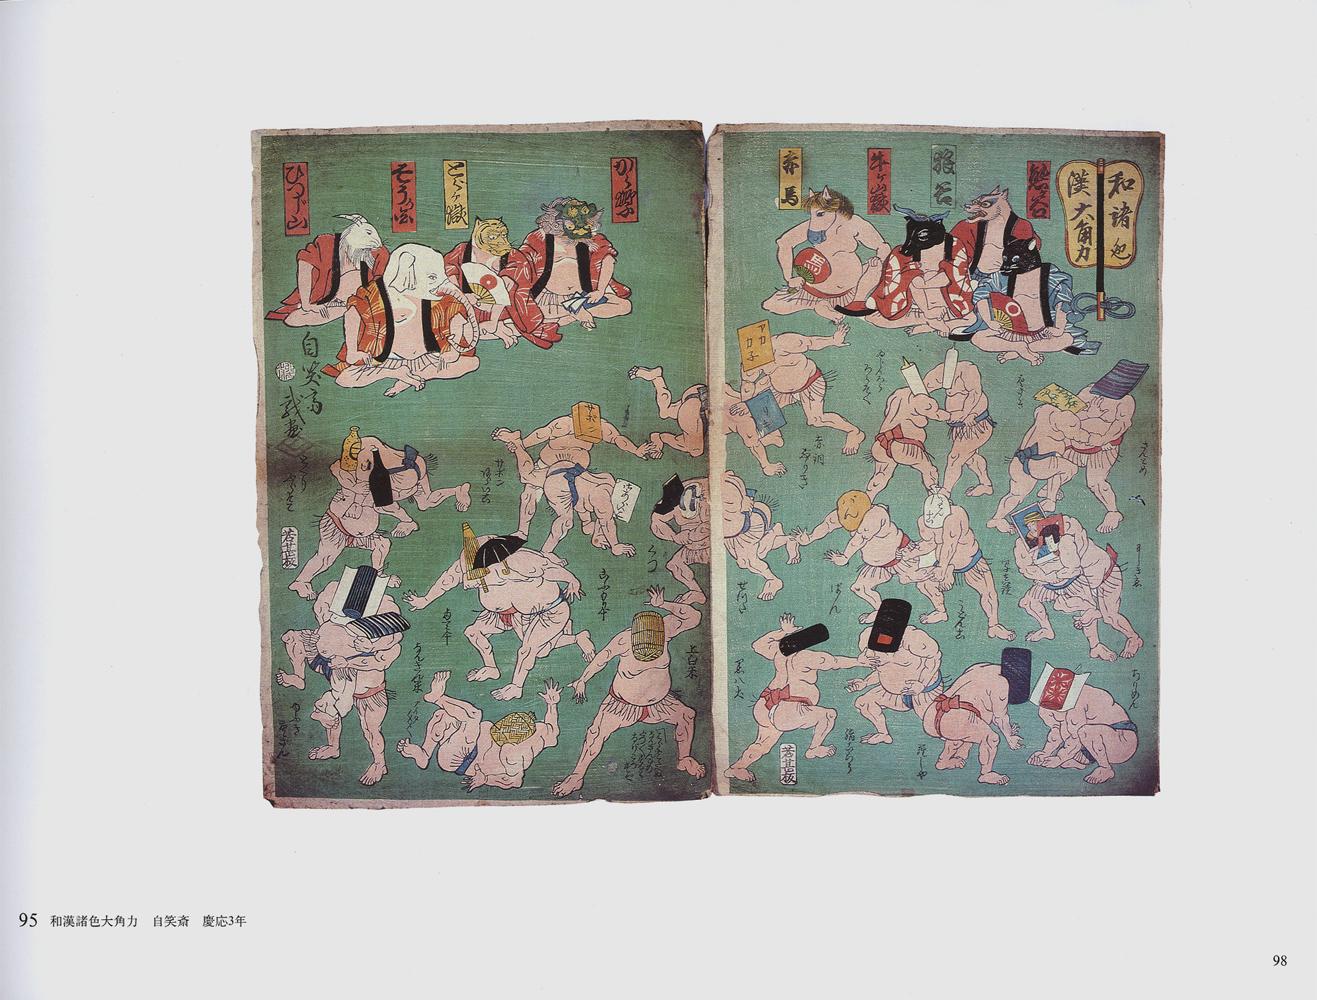 明治開化期の錦絵 Meiji Japan Through Woodblock Prints[image5]